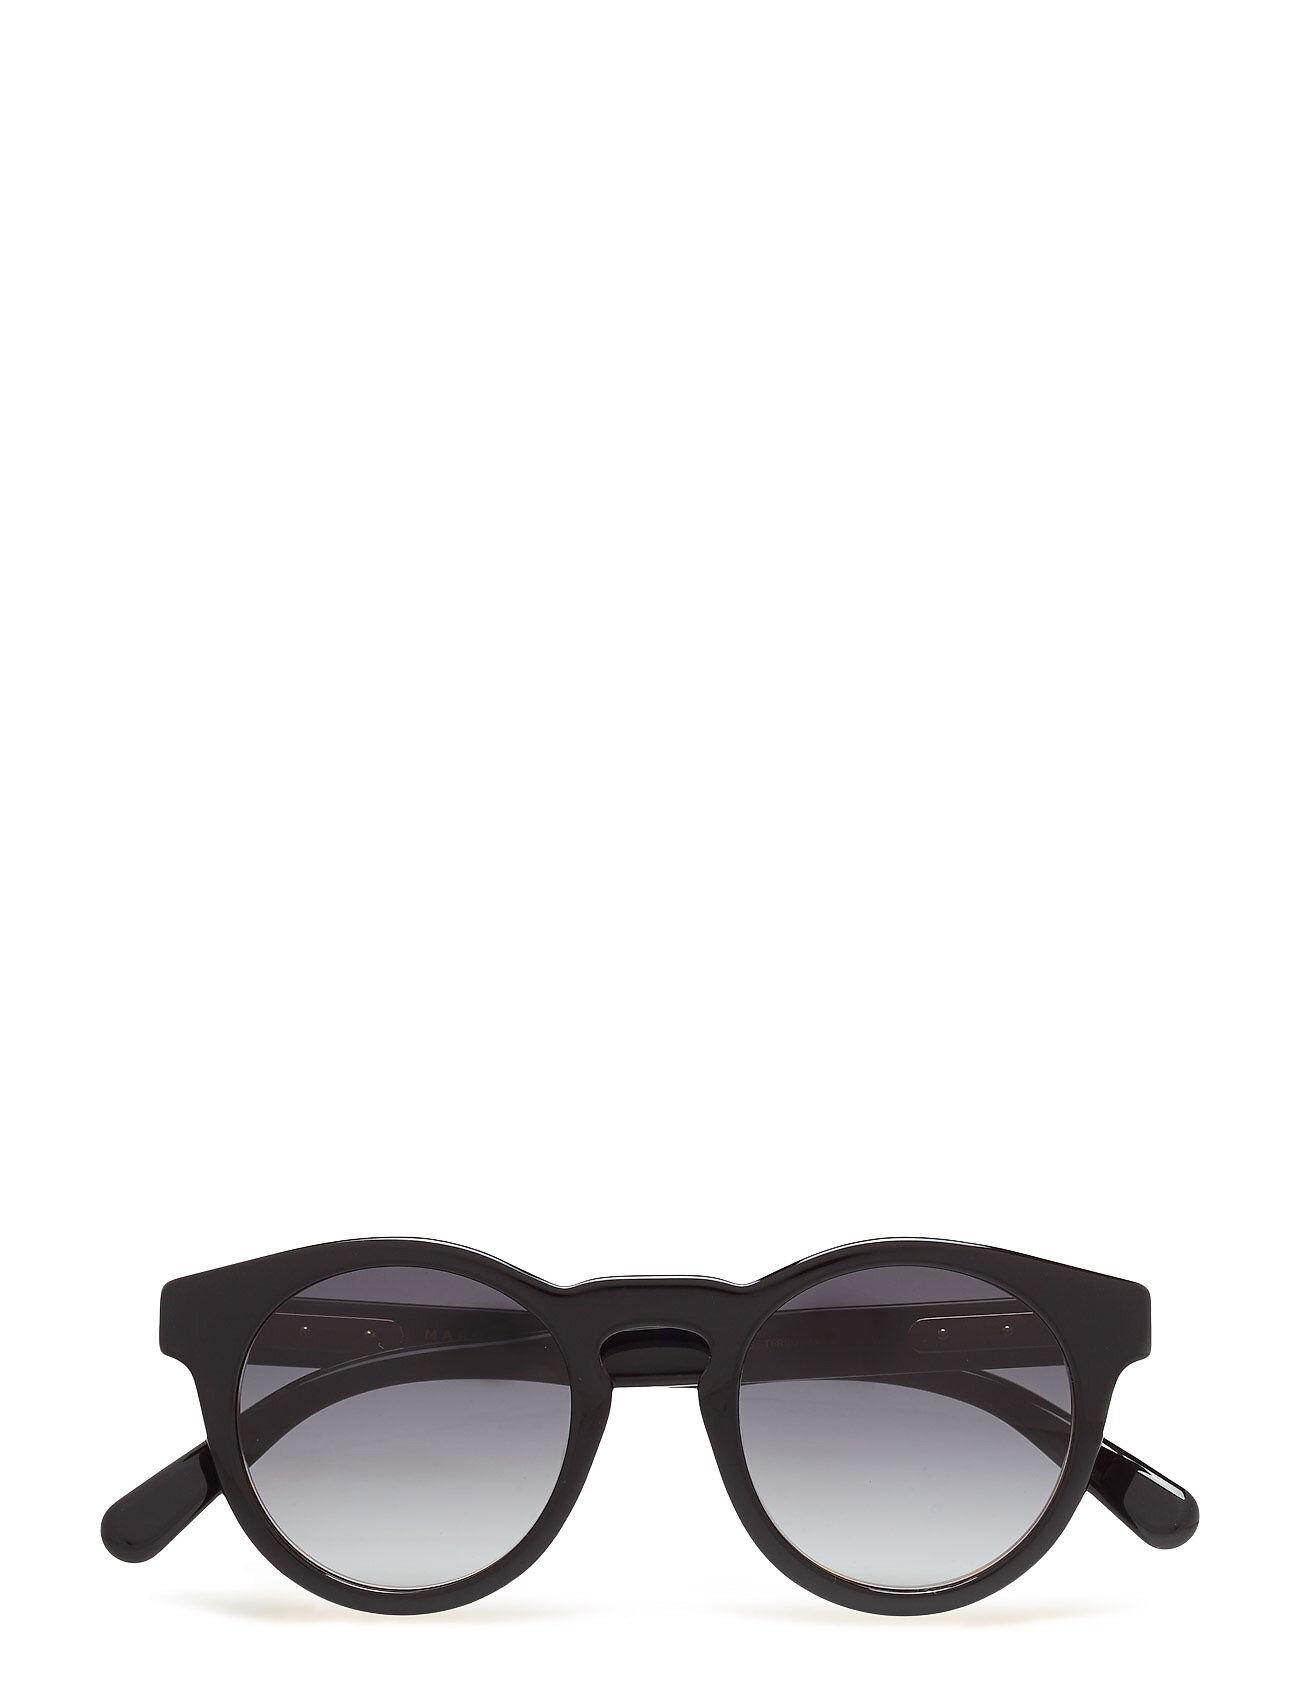 Image of Marc Jacobs Sunglasses Mj 628/S Aurinkolasit Musta Marc Jacobs Sunglasses